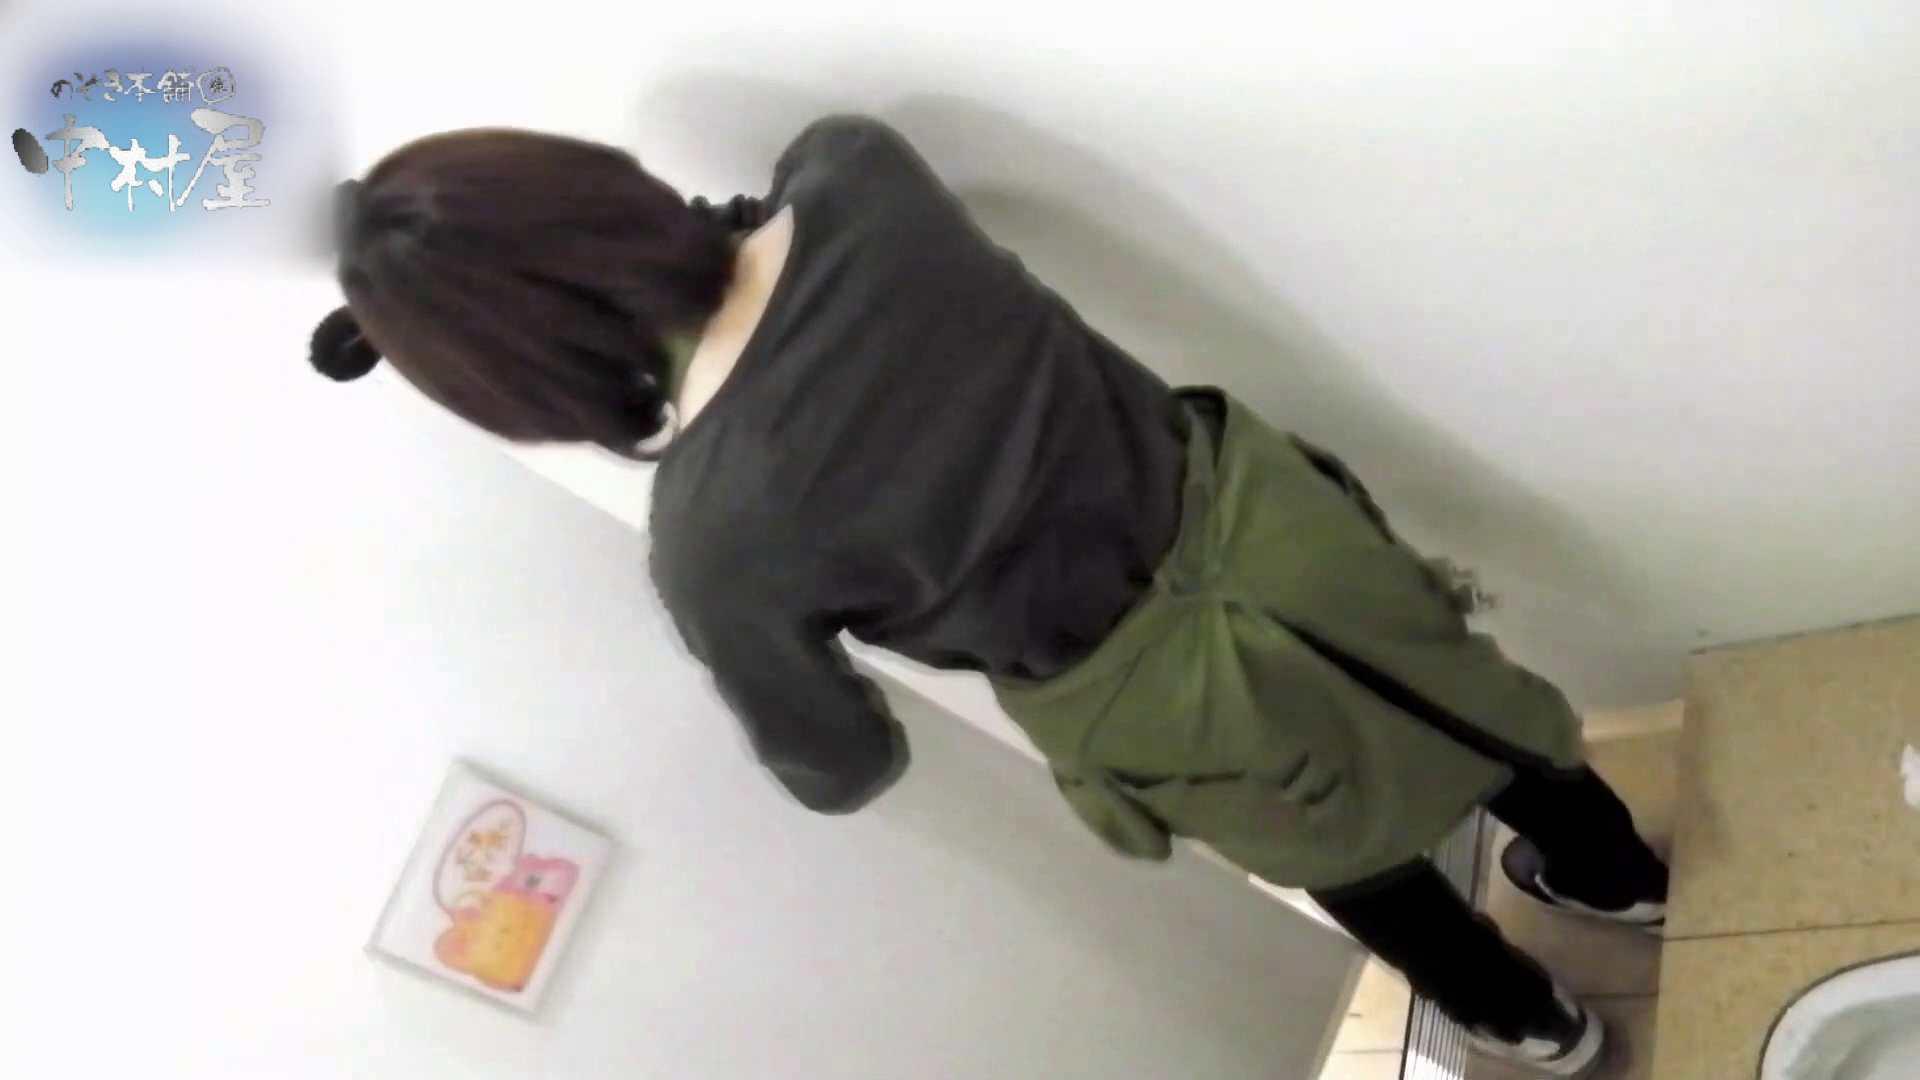 乙女集まる!ショッピングモール潜入撮vol.04 潜入 われめAV動画紹介 76PIX 17